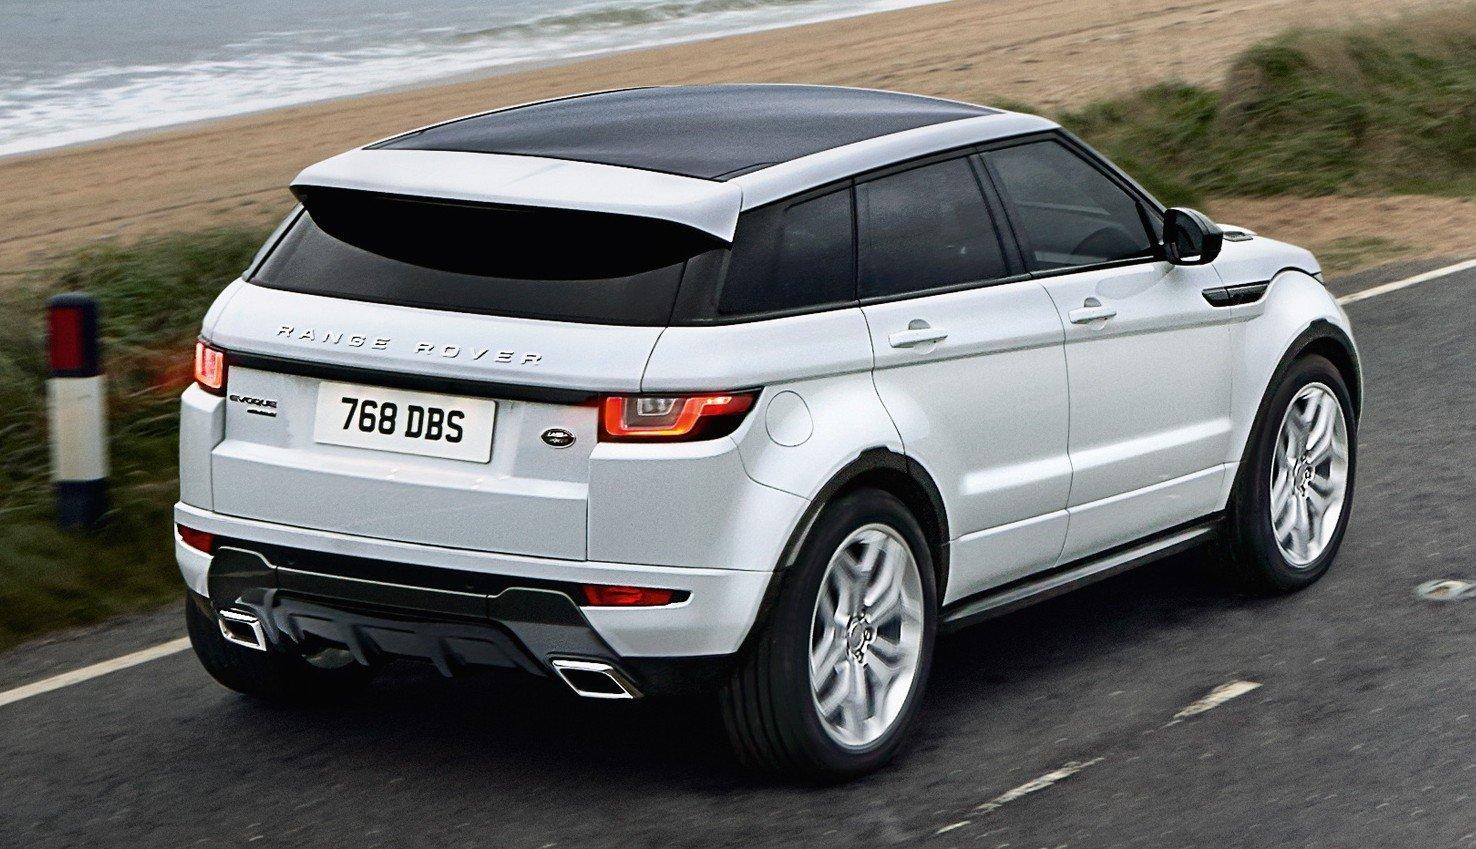 2016 Range Rover Evoque Facelift Gets Subtle Updates Image